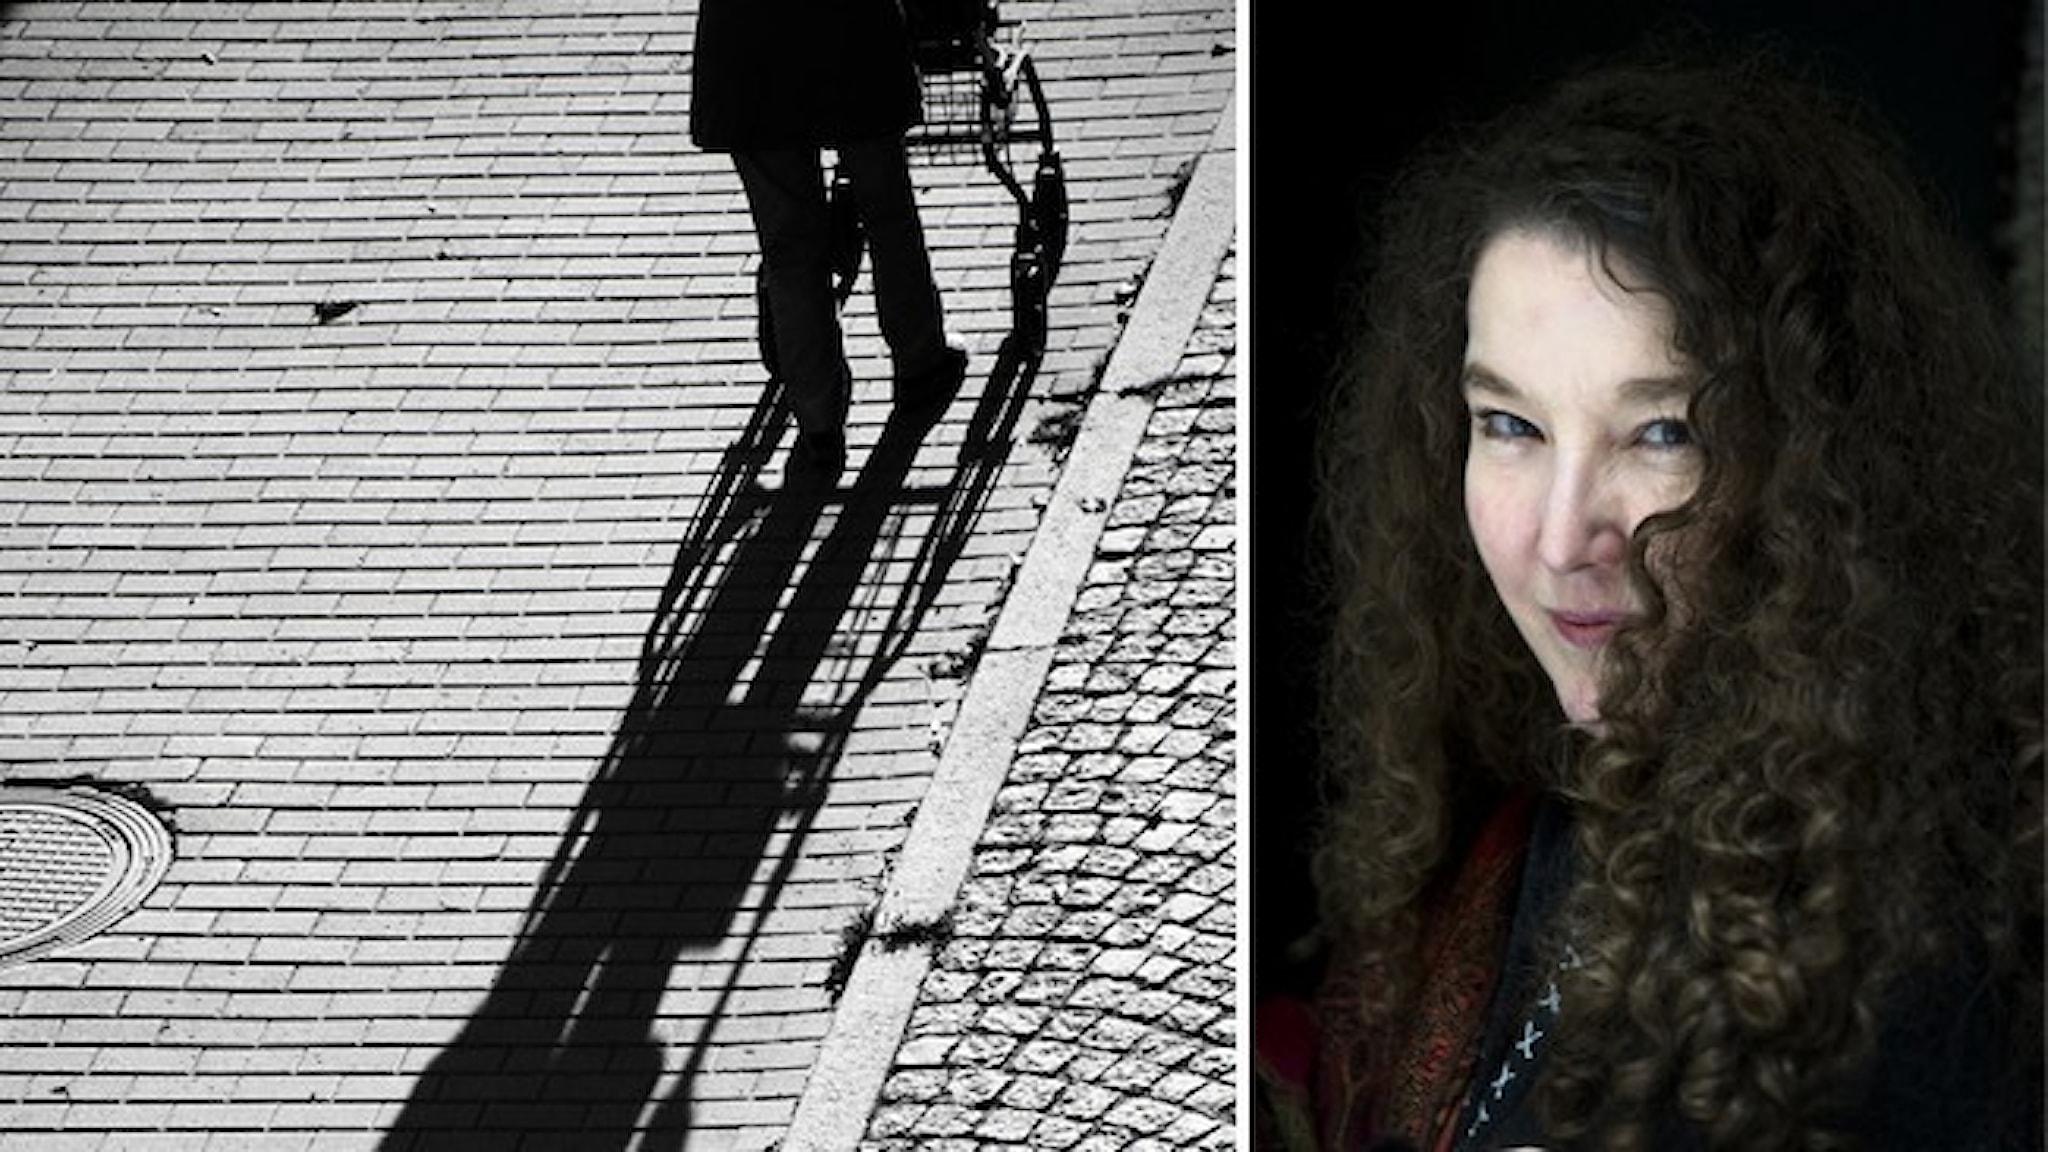 En person med rullator går över kullersten. Infällt ett porträtt av författaren Anna-Karin Palm.